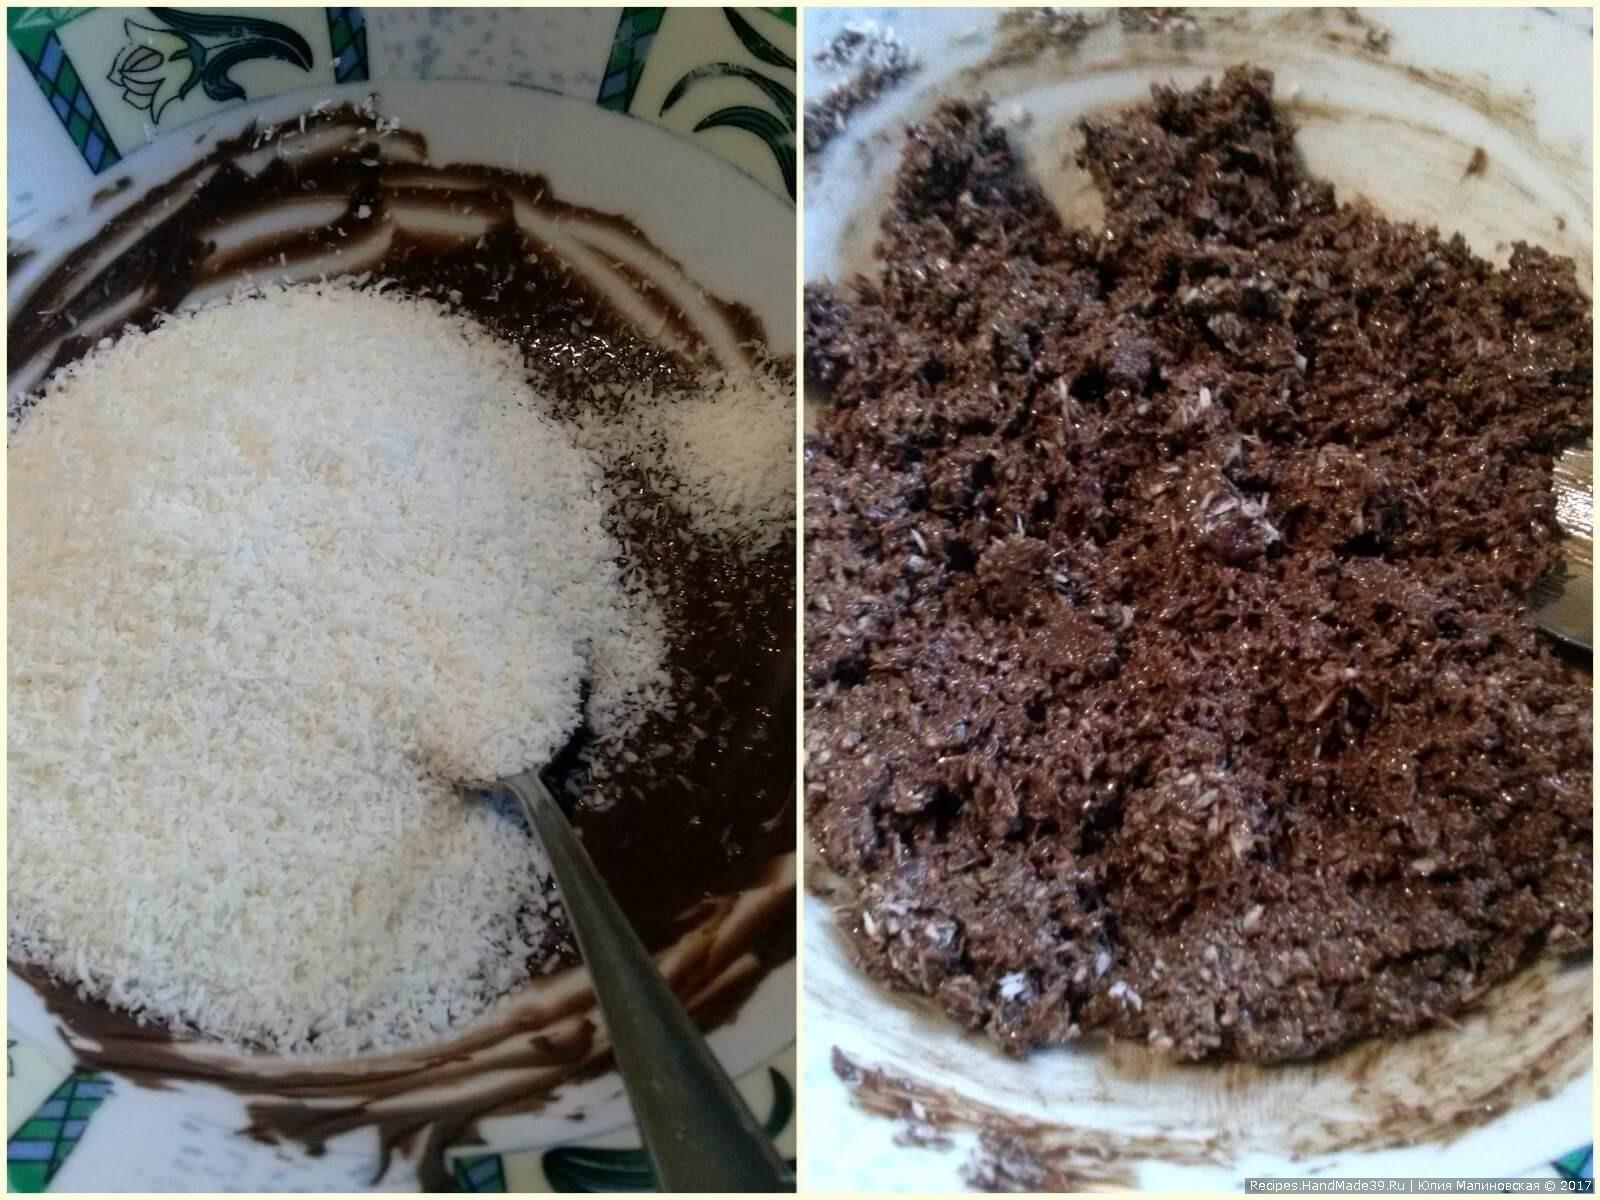 Растопить на водяной бане 180 г шоколада, всыпать кокосовую стружку. Хорошо перемешать